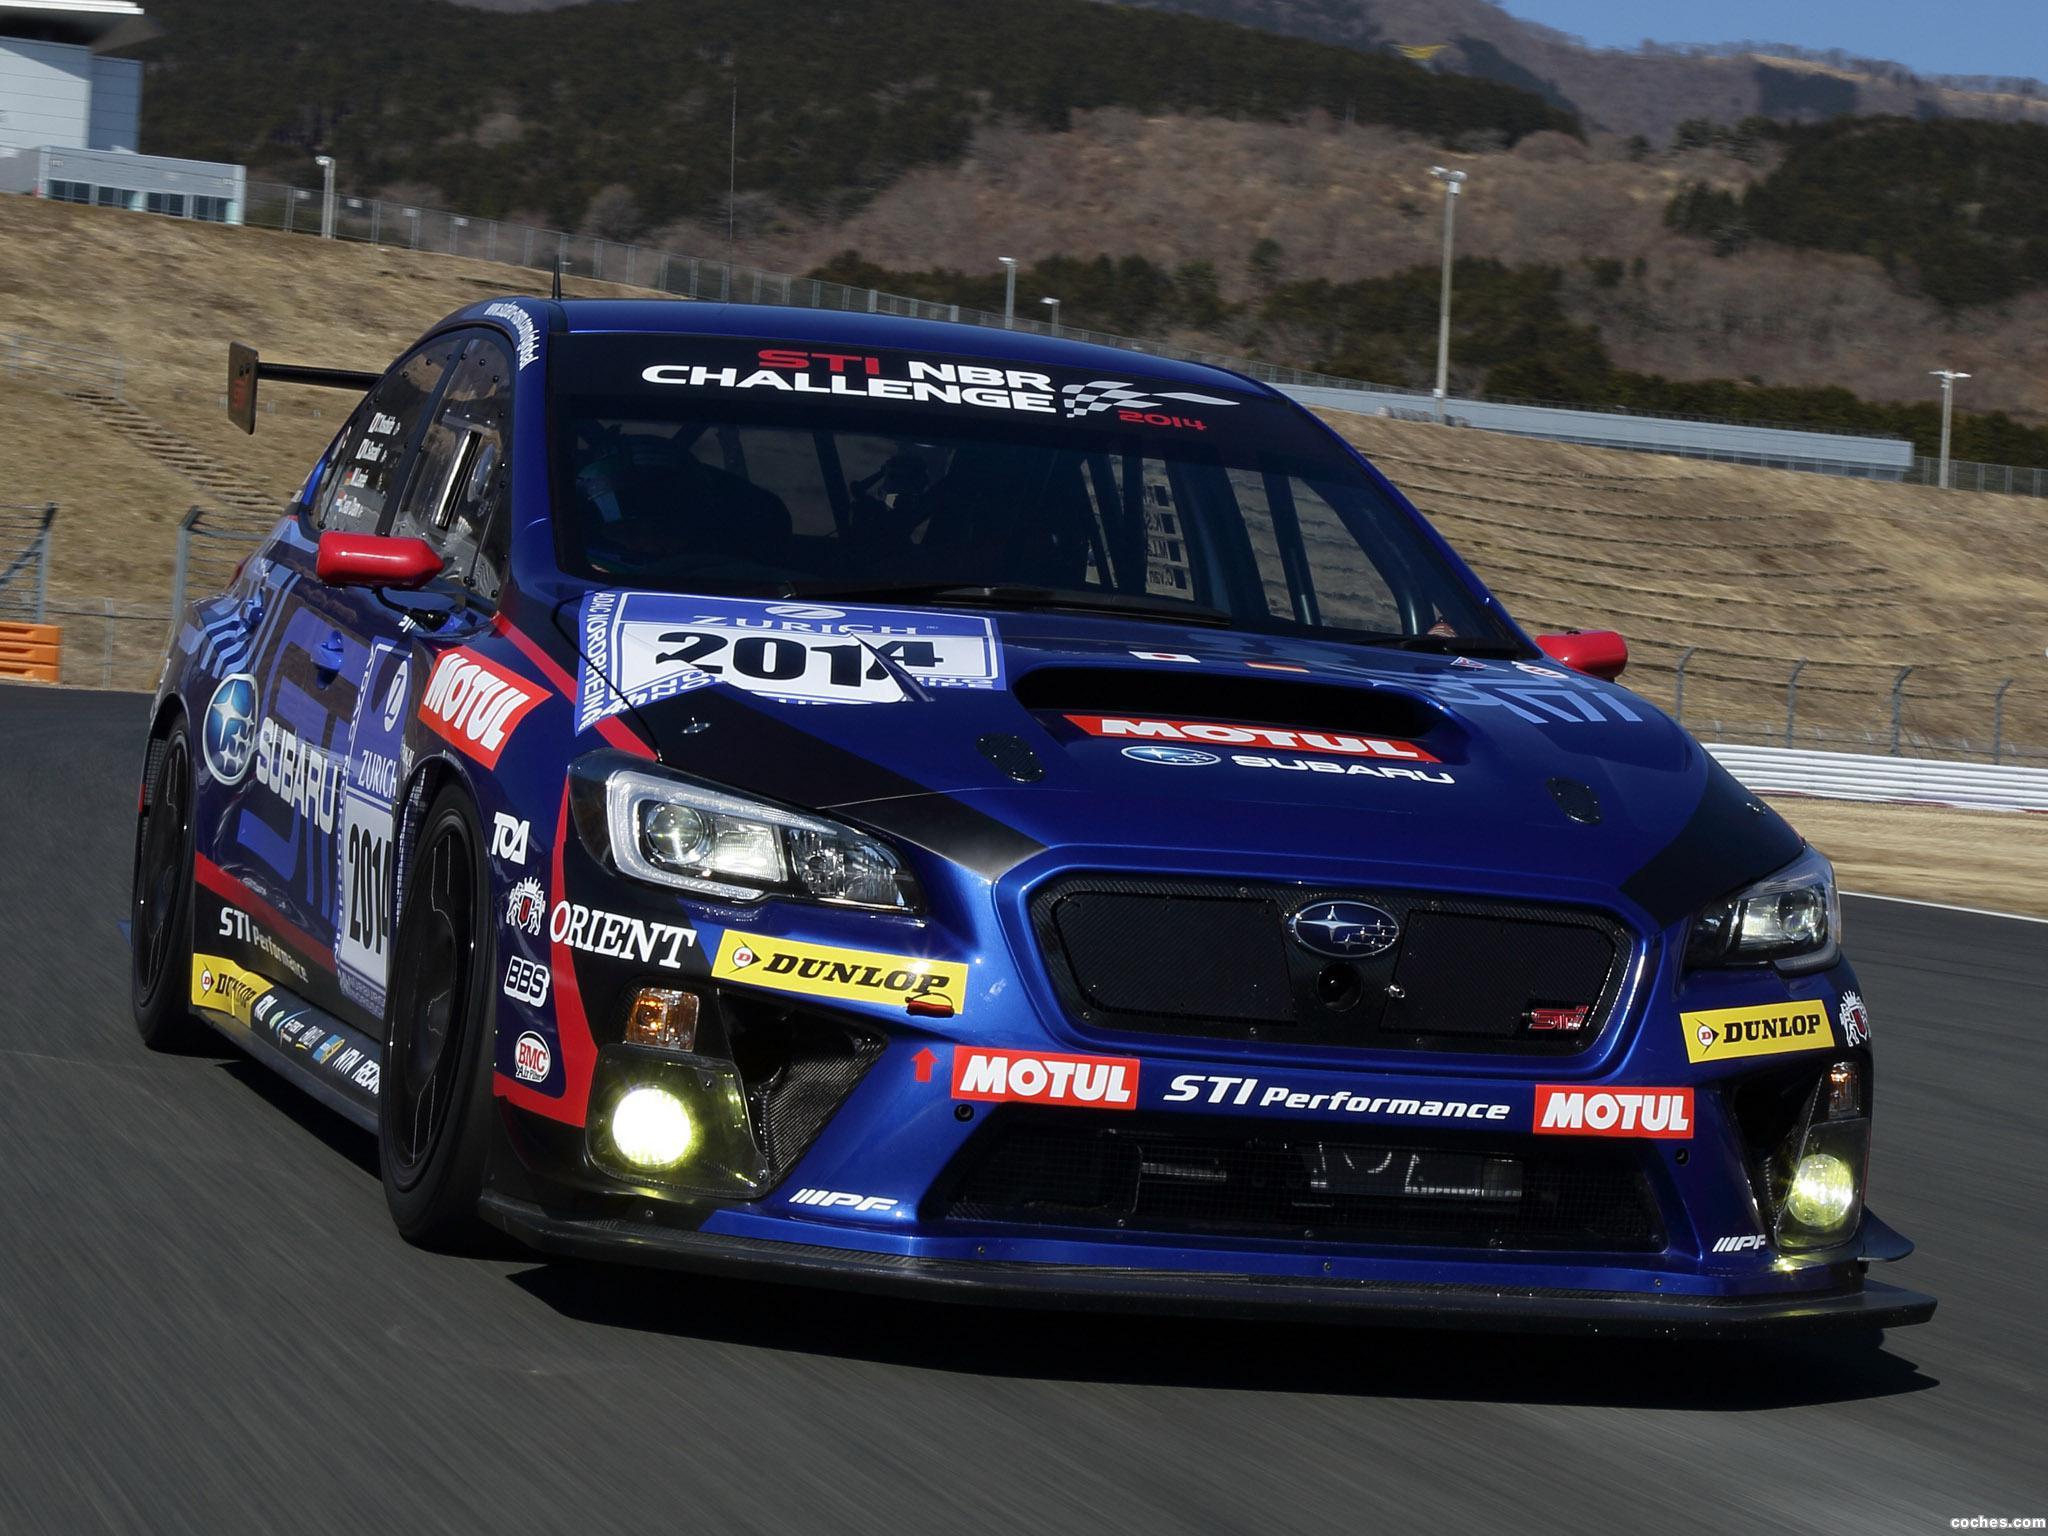 Foto 0 de Subaru WRX STI Race Car 2014